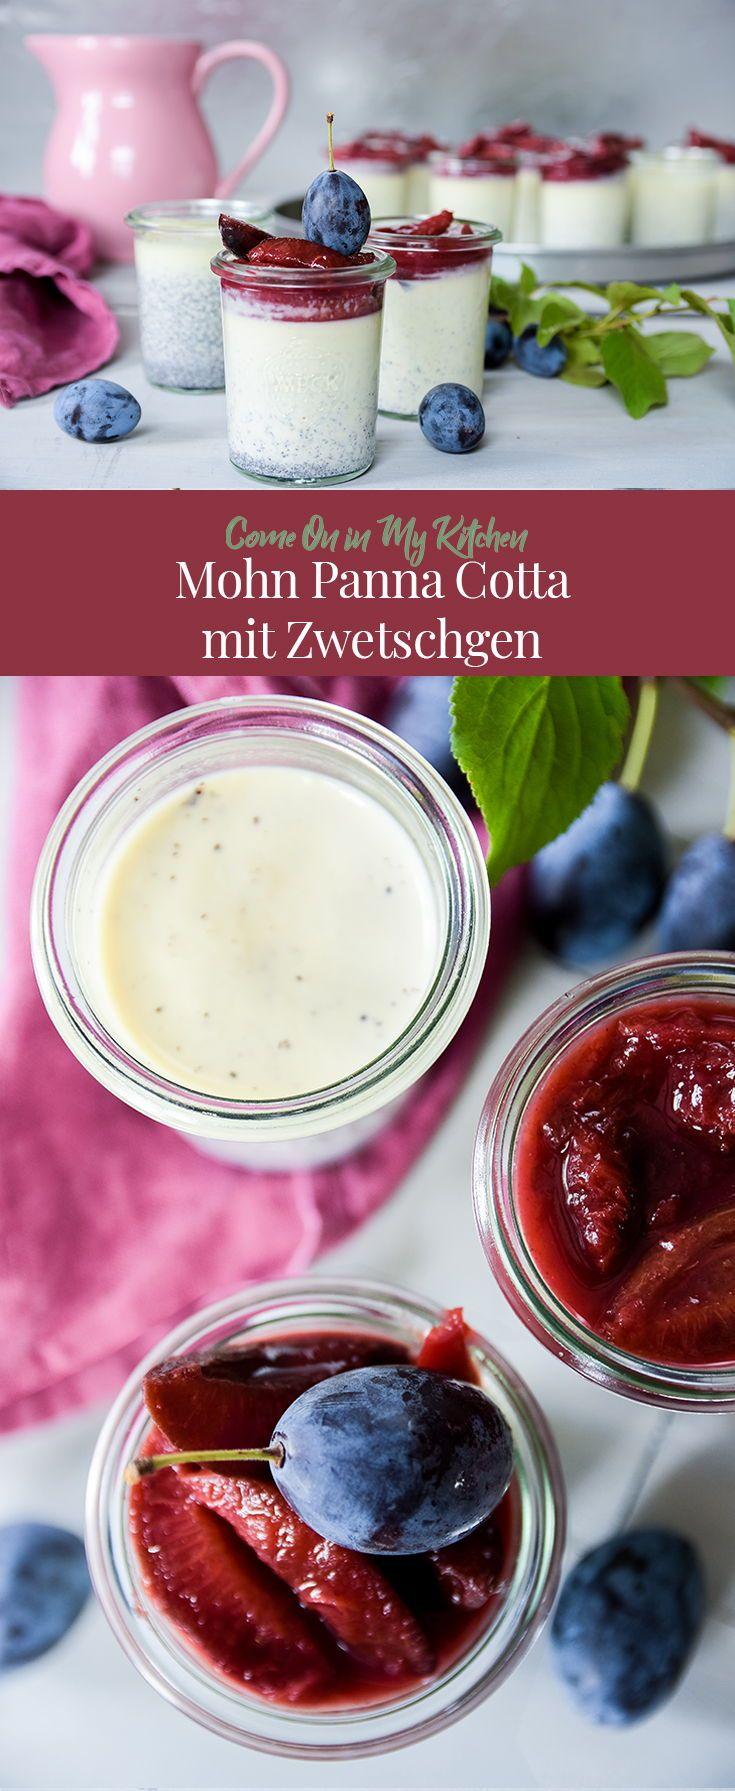 Mohn Panna Cotta mit Zwetschgen-Kompott - Home and Herbs #falldesserts